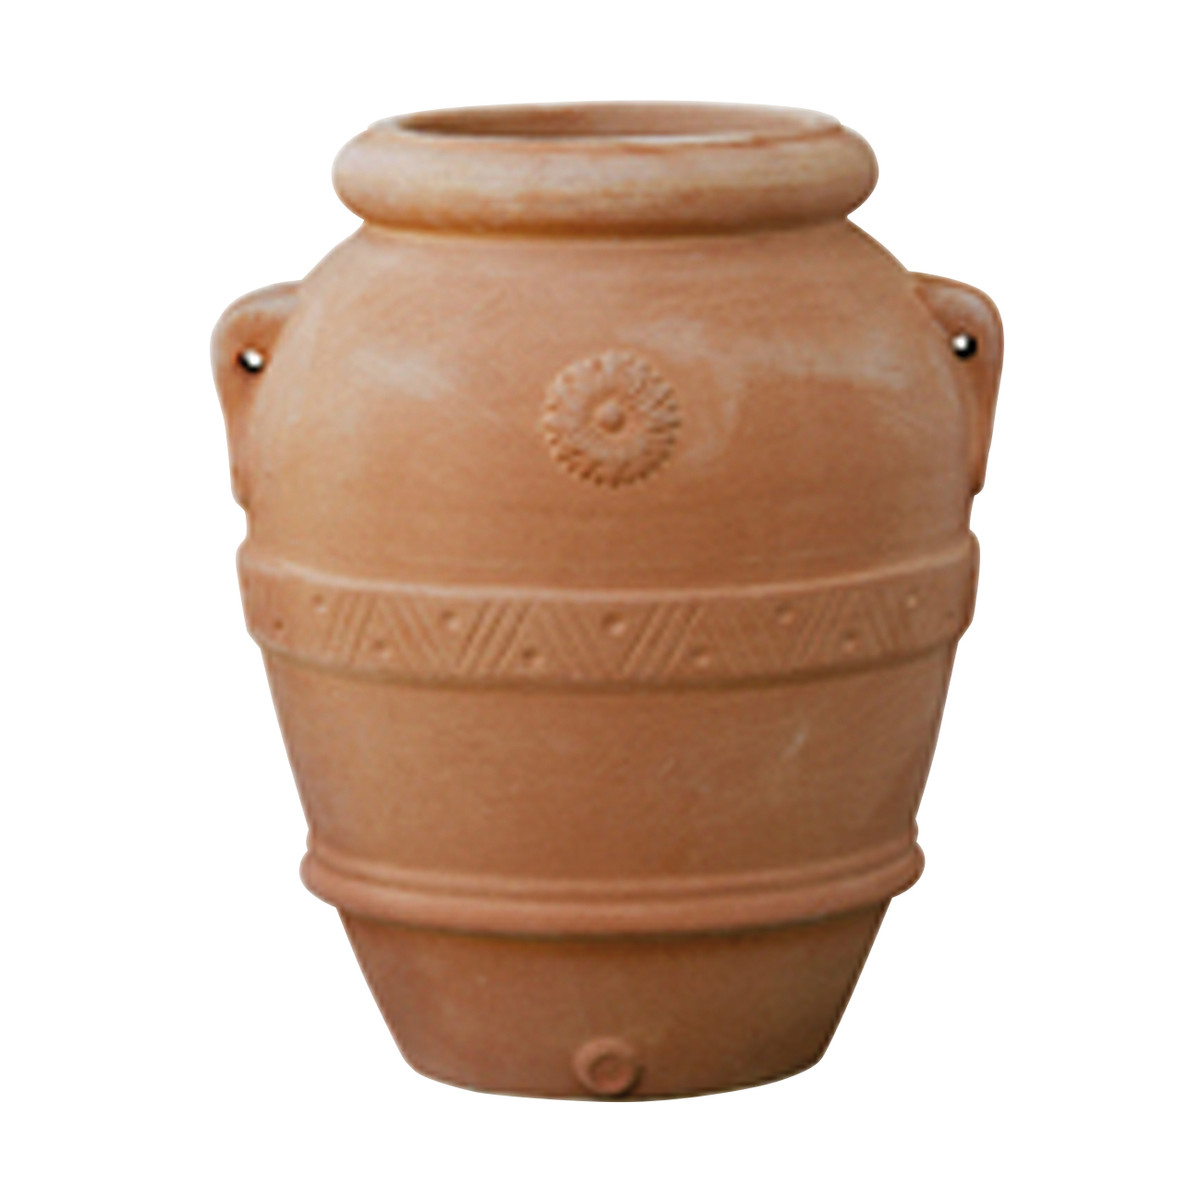 Prezzi terracotta fiore corolla prezzi e negozi for Vasi terracotta prezzi